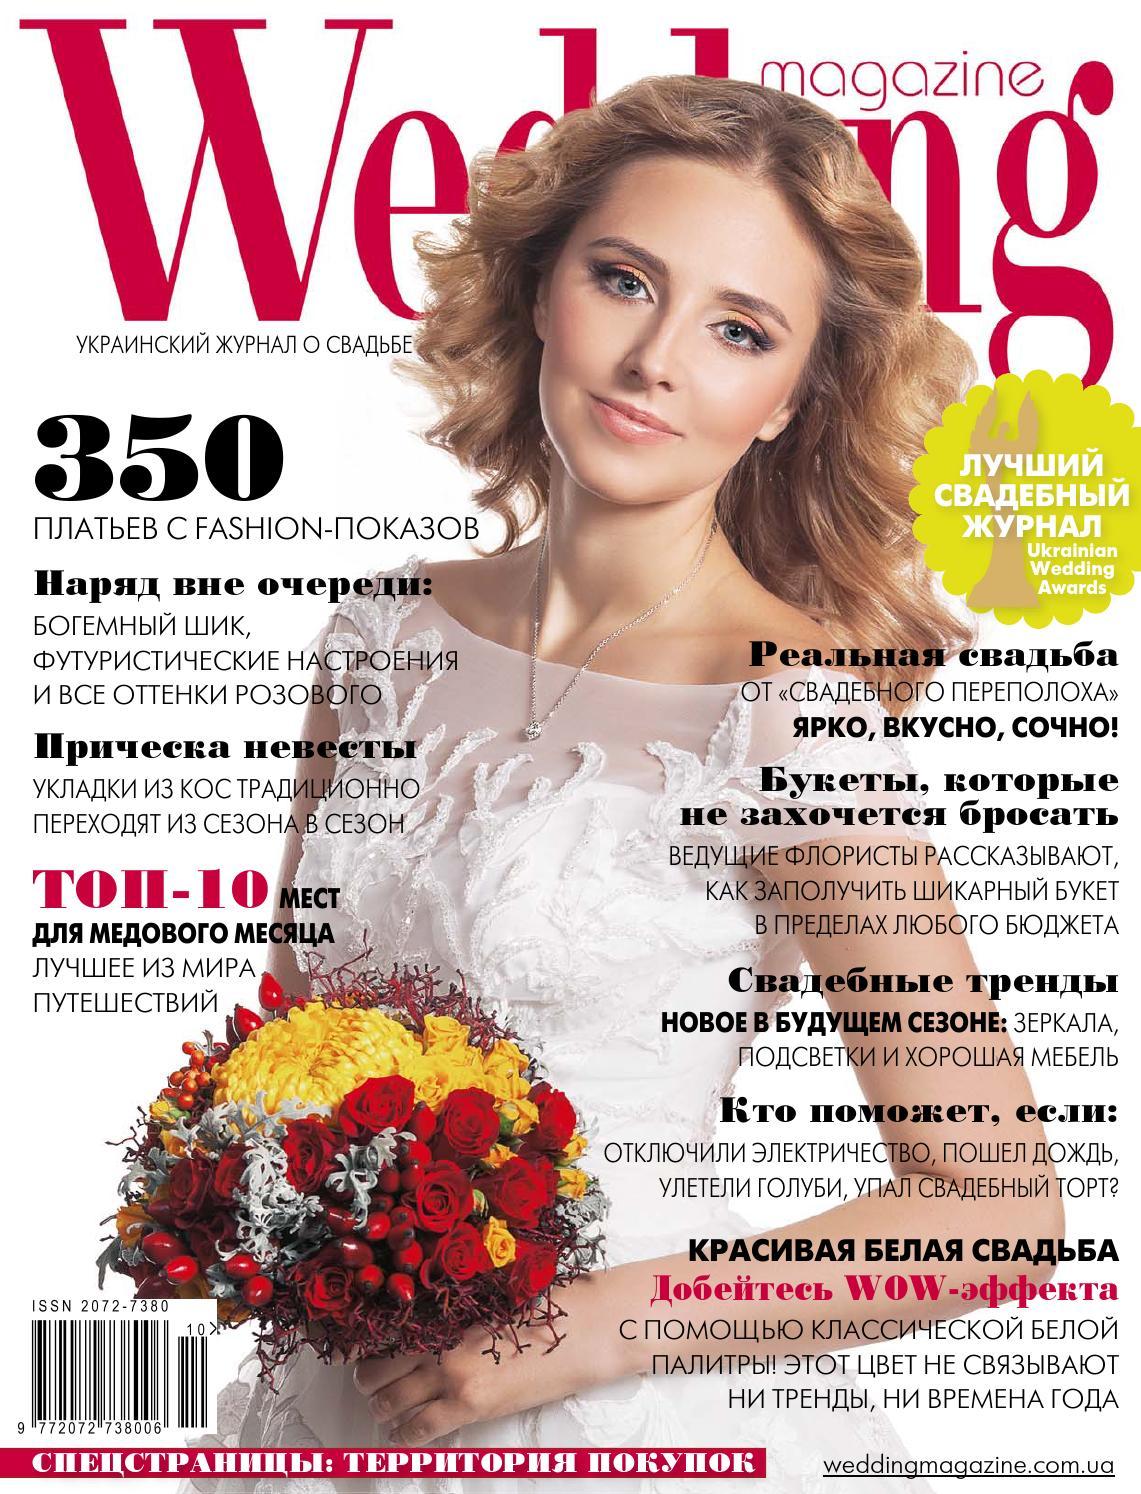 ab7cd43af Wedding magazine #3 2013 by Magazine Wedding - issuu